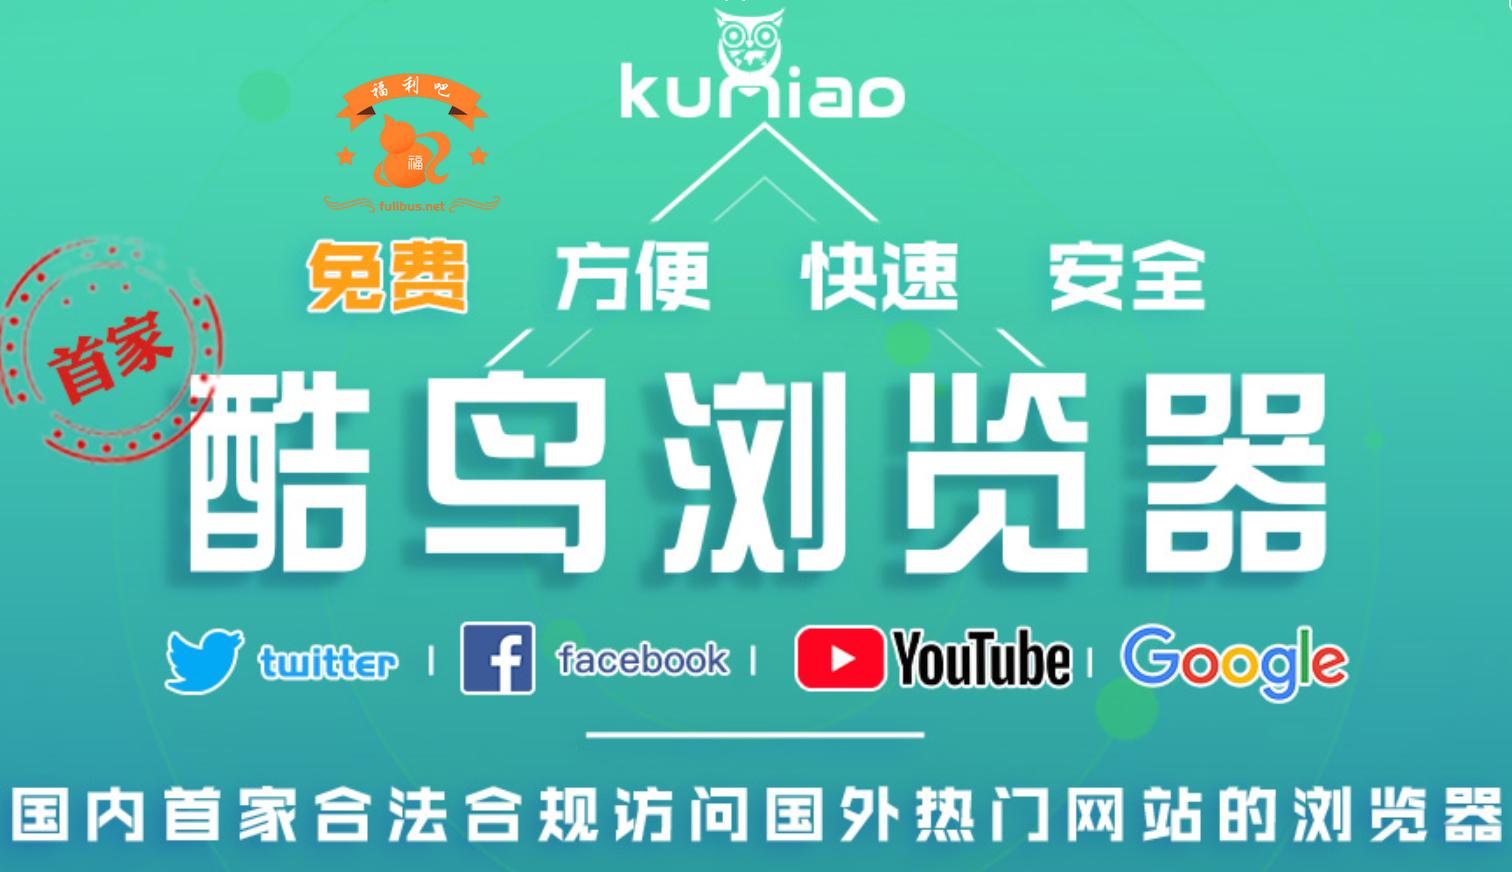 酷鸟浏览器:国内首家合法访问国外热门网站的浏览器